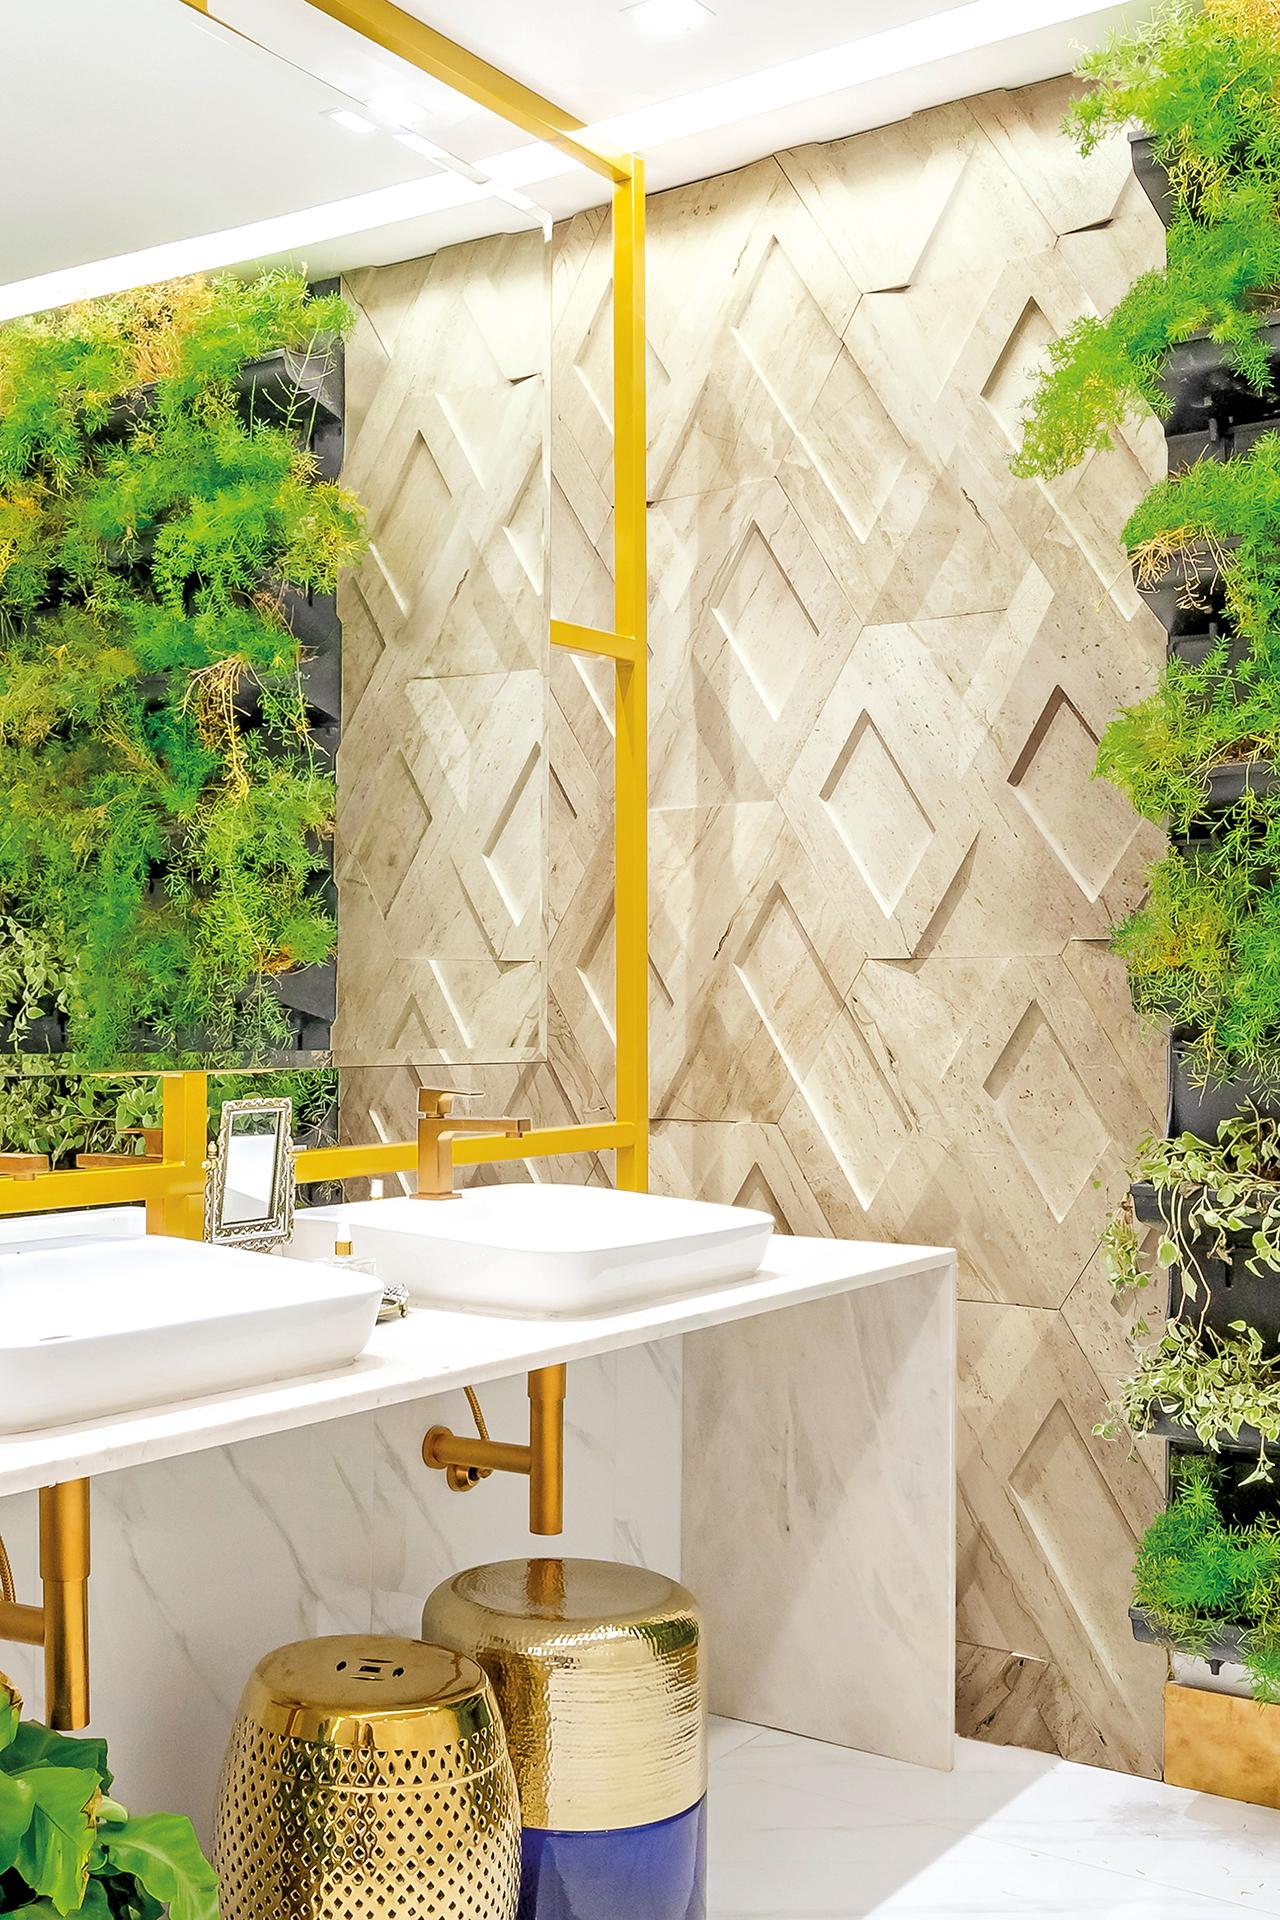 Banheiro com piso porcelanato branco, bancada da pia e cubas brancas, espelho com moldura dourada combinando com torneiras, parede lateral com jardim vertical e revestimento 3D da linha Infinity